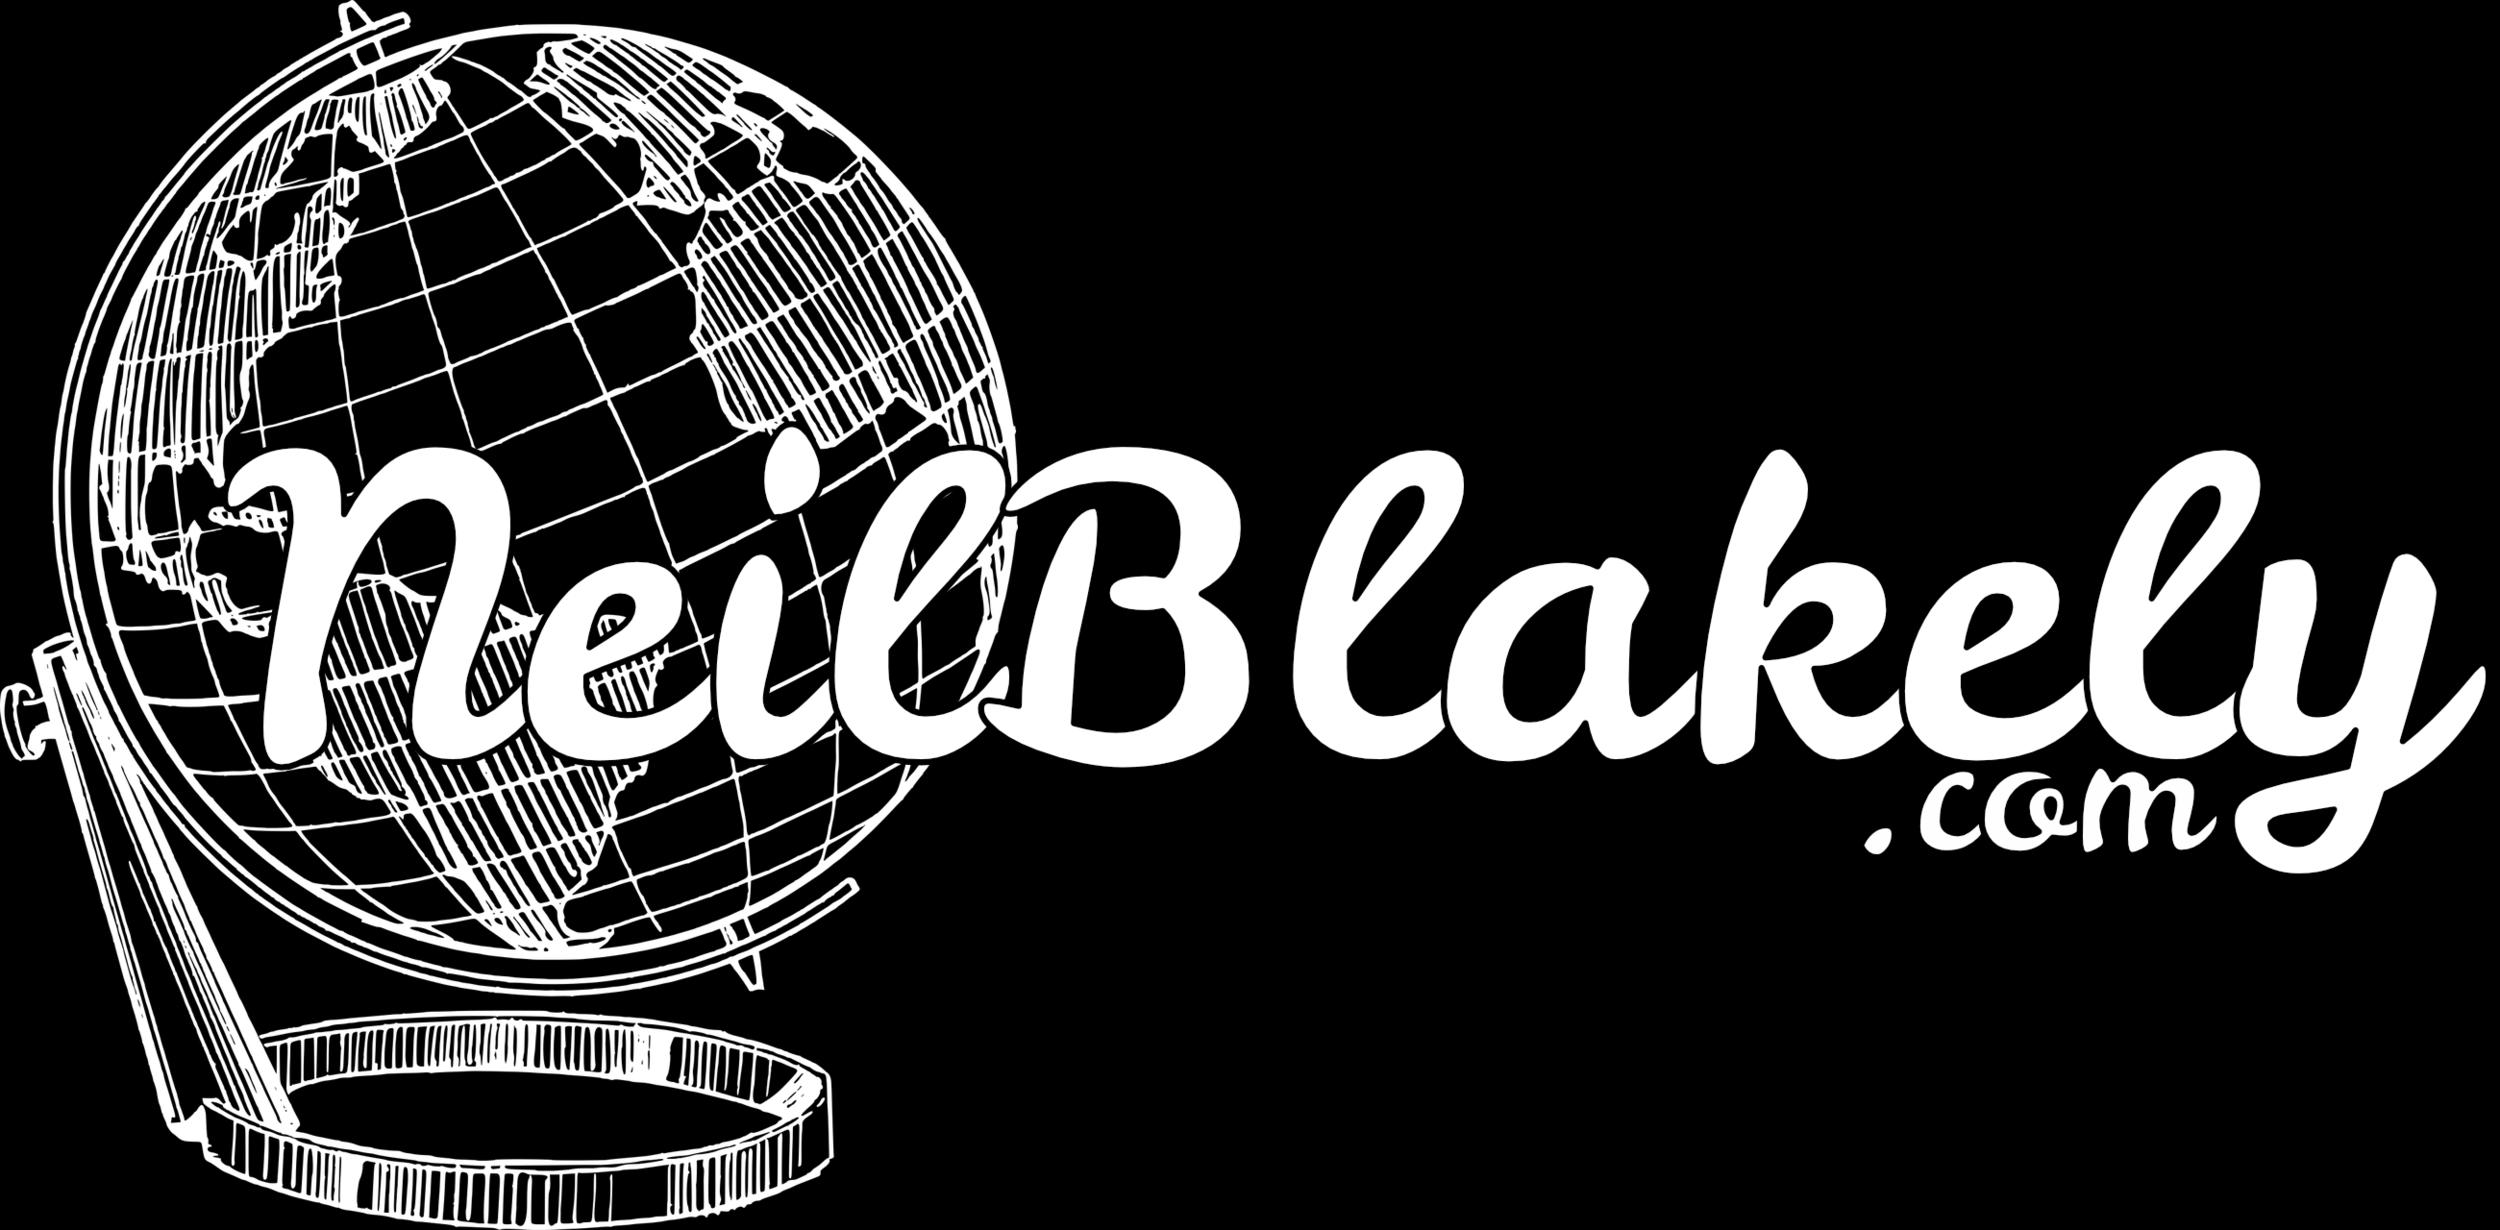 www.NeilBlakely.com